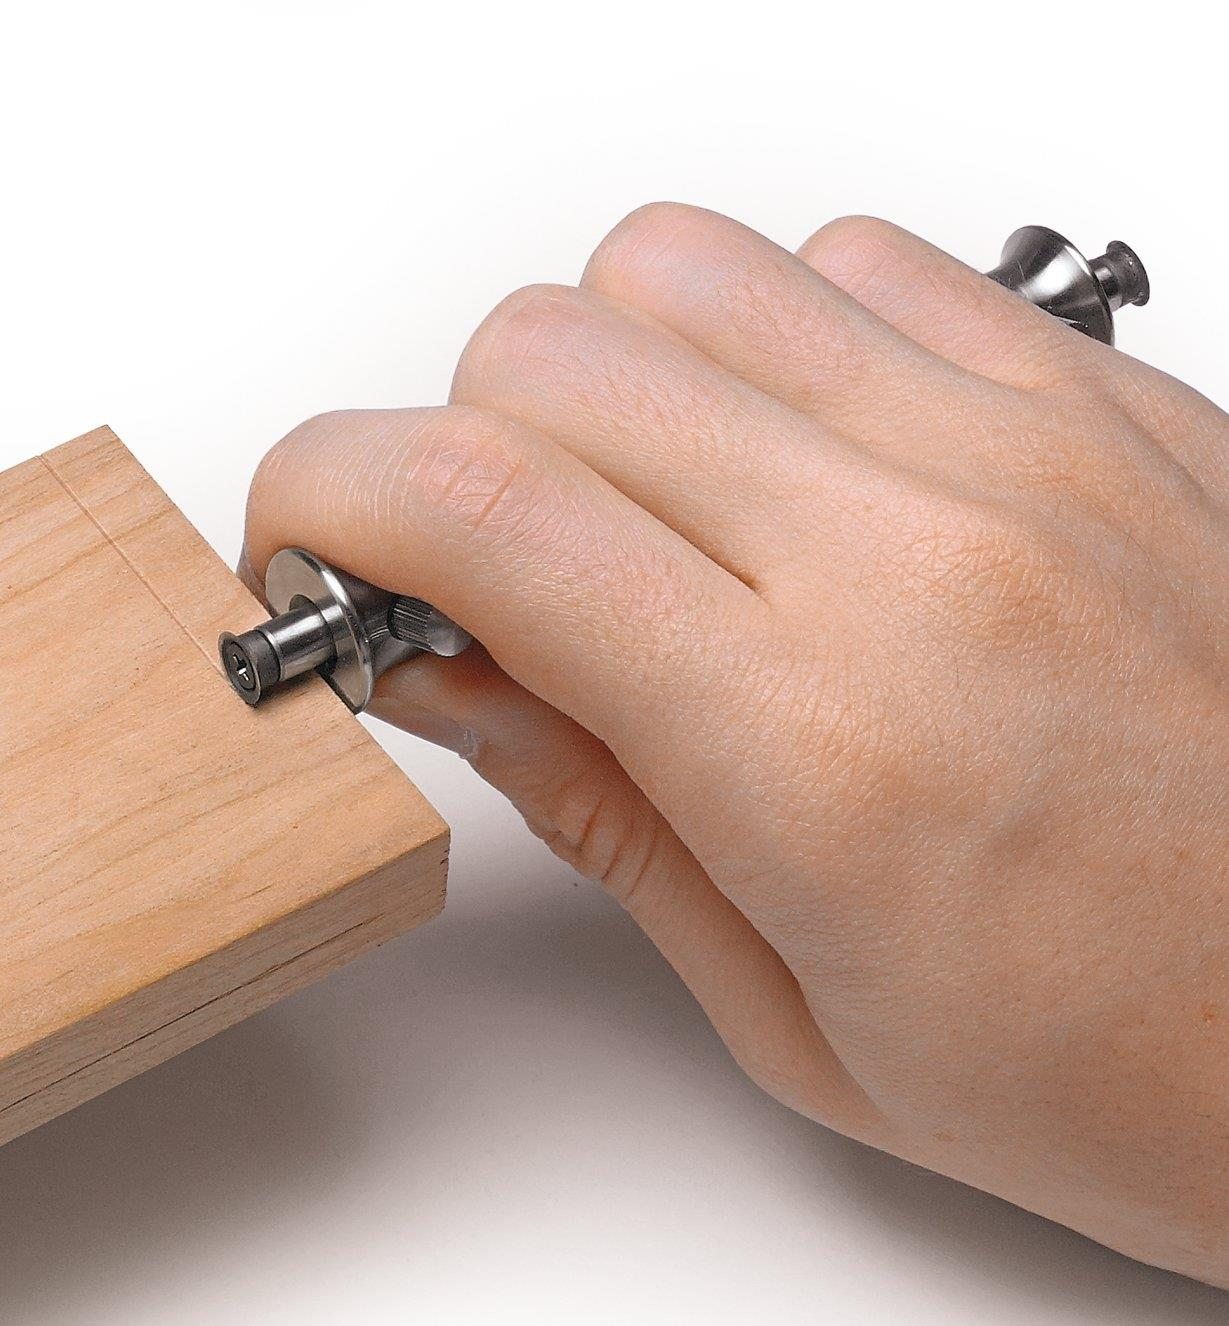 Trusquin utilisé pour marquer une ligne à contre-fil